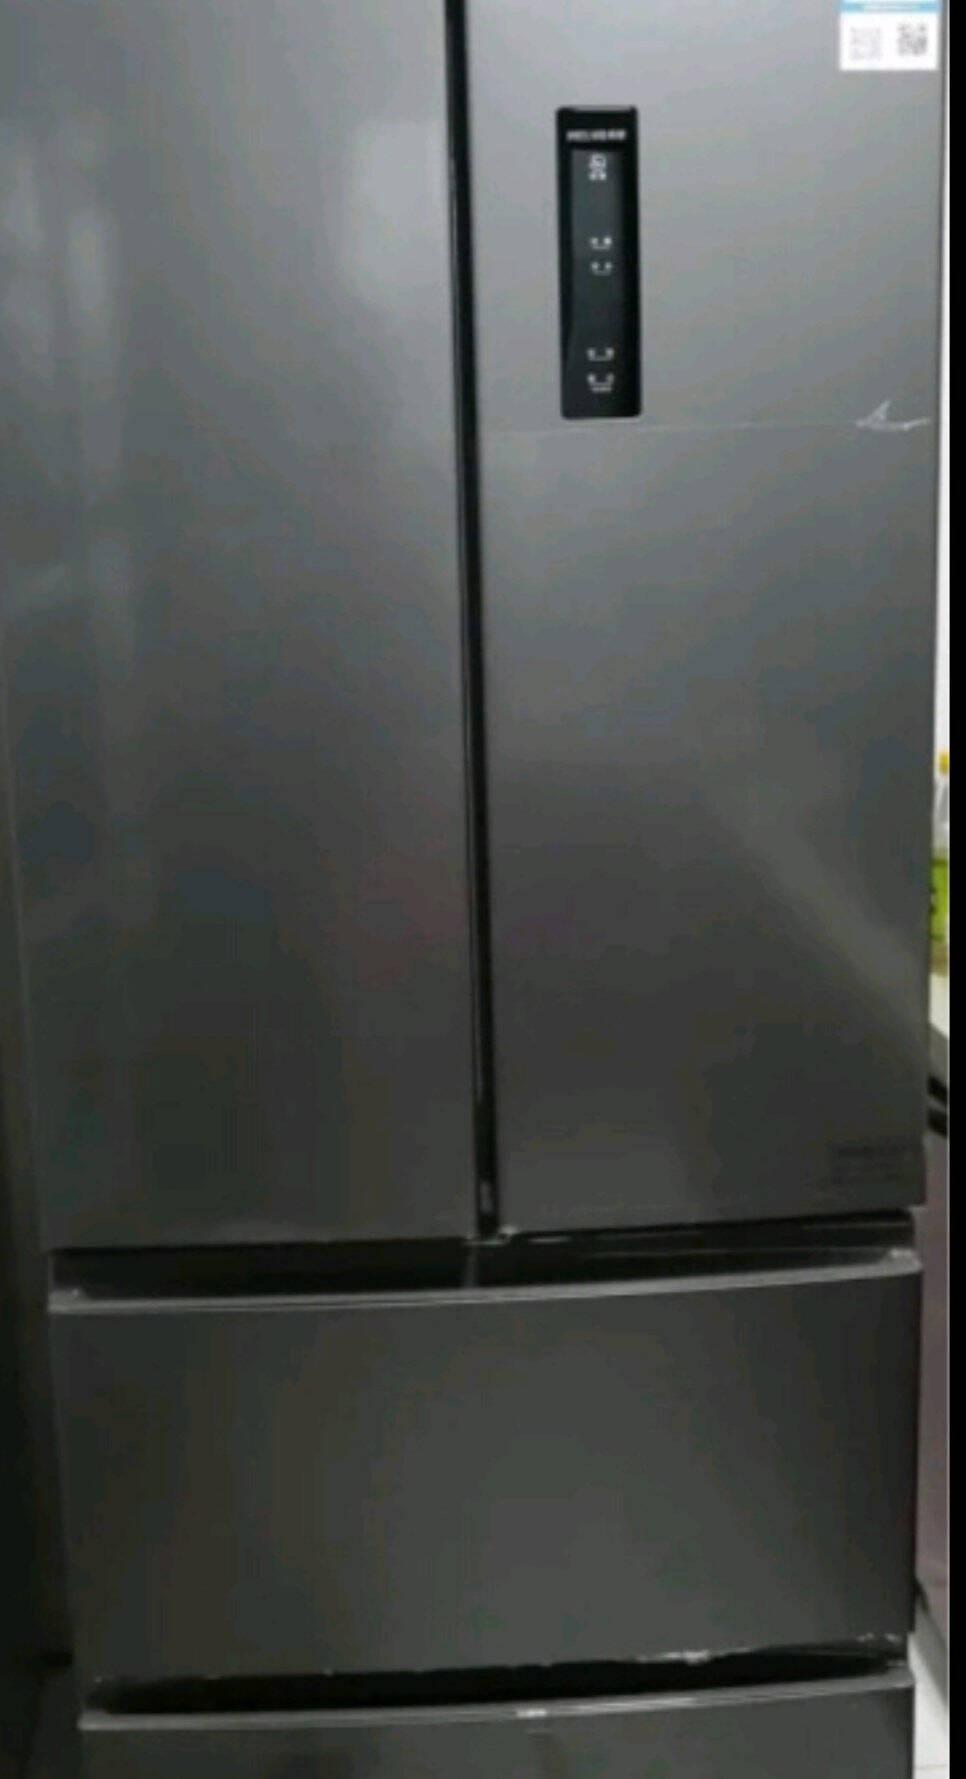 美菱(MELING)366升法式四门多门电冰箱家用风冷无霜智能双变频-32度速冻净味节能降噪一级能效BCD-366WP9CX